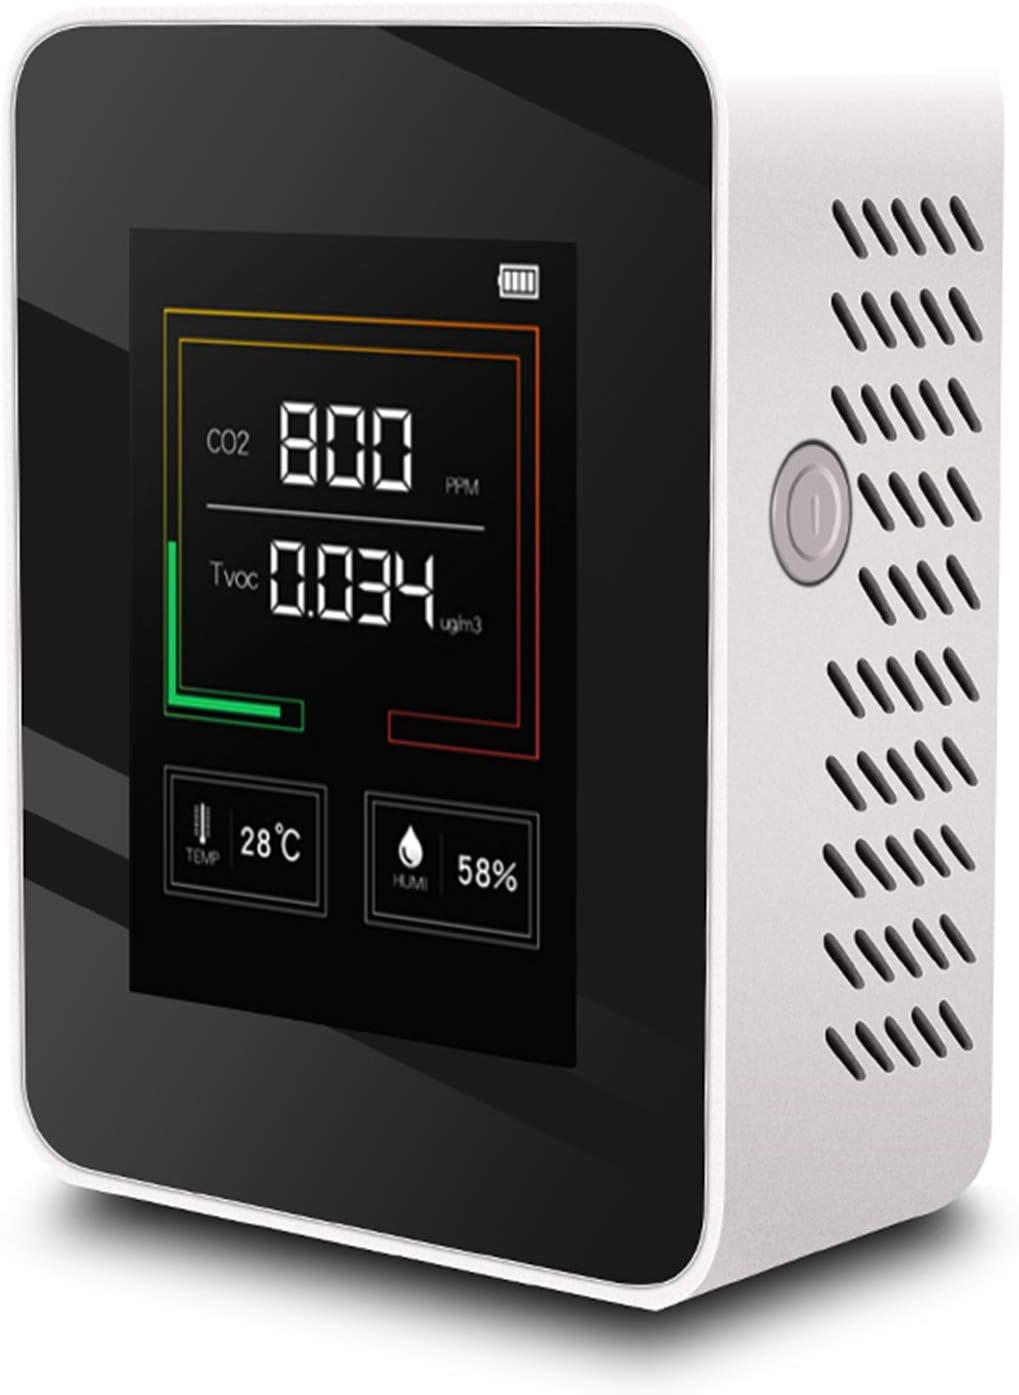 Migaven Detector CO2, K03 Portátil Medidor CO2 Temperatura Humedad Probador de Calidad del Aire Monitor Dispositivo de Medición del Medidor con Pantalla de Color Led Blanco